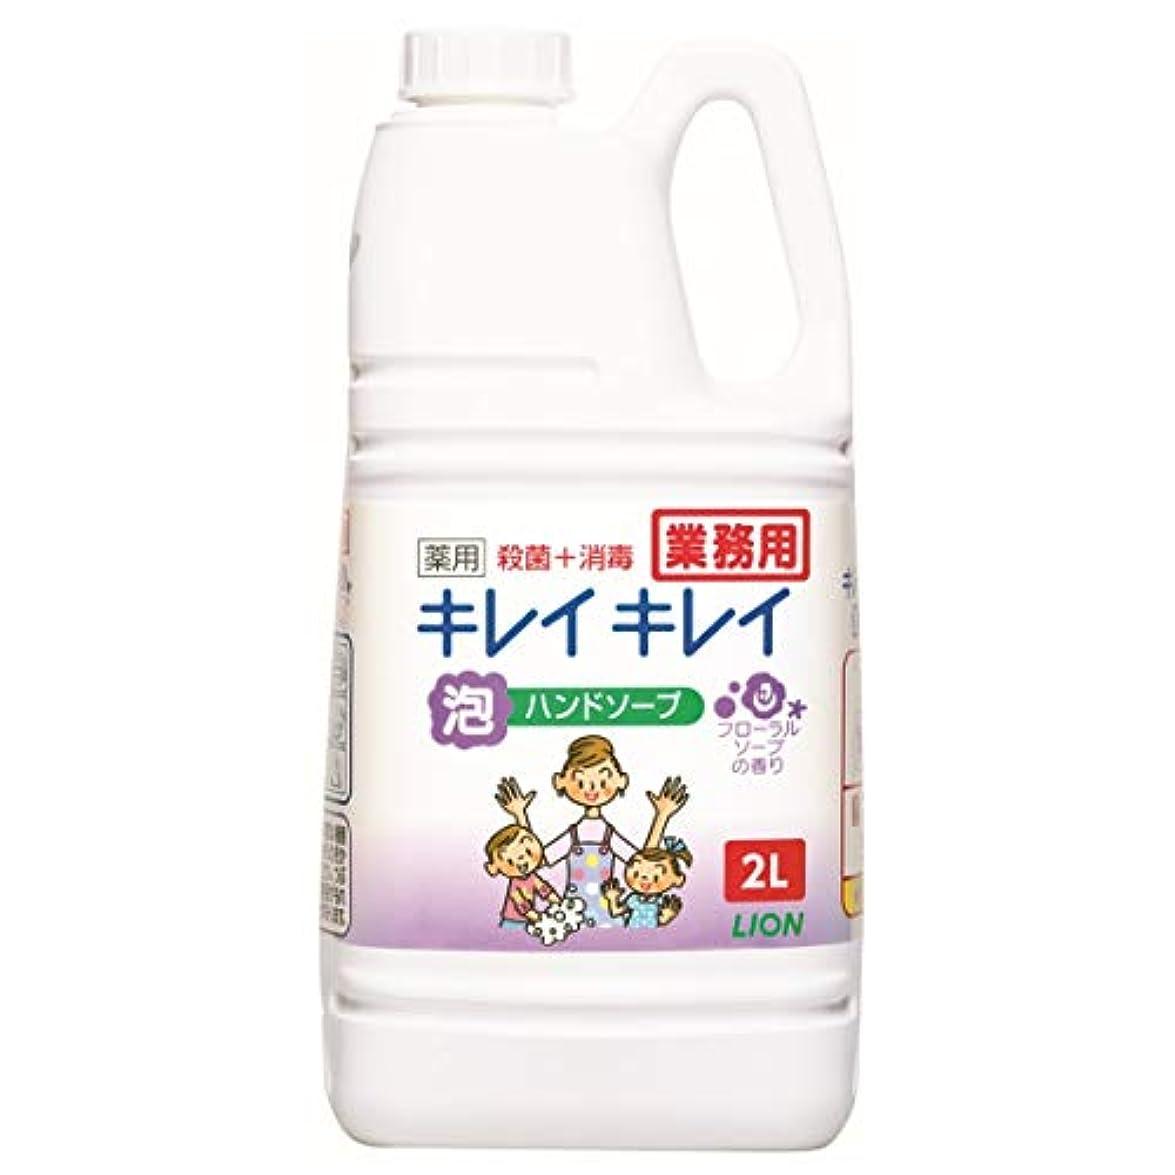 トランスペアレントバスルーム予約【大容量】キレイキレイ 薬用泡ハンドソープ フローラルソープの香り 2L